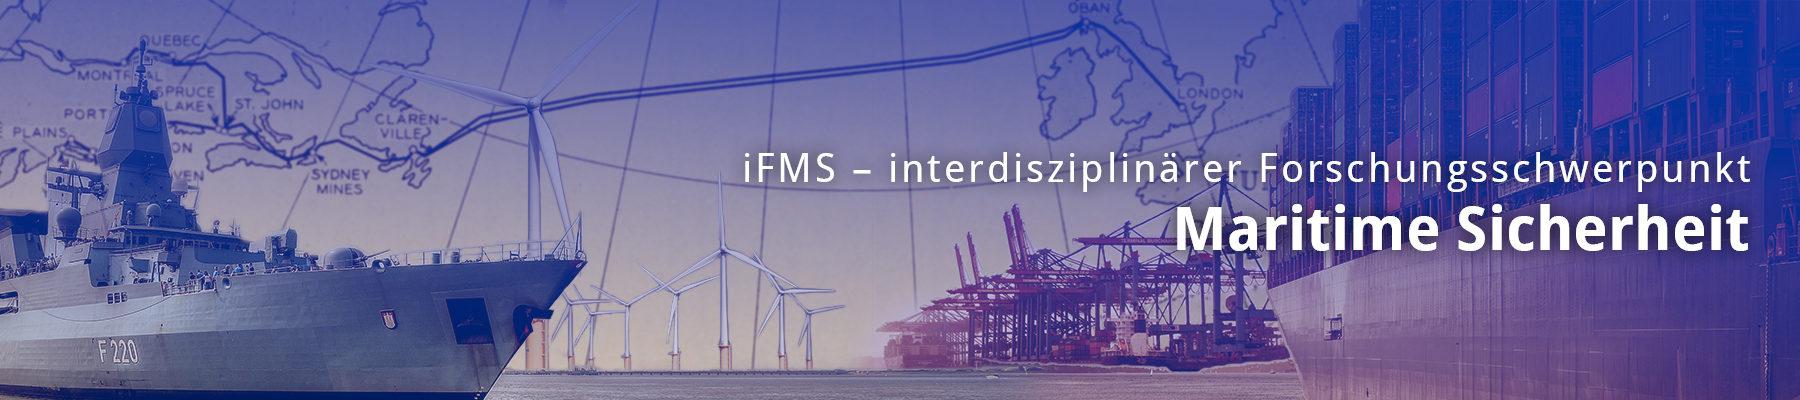 Interdisziplinärer Forschungsschwerpunkt Maritime Sicherheit